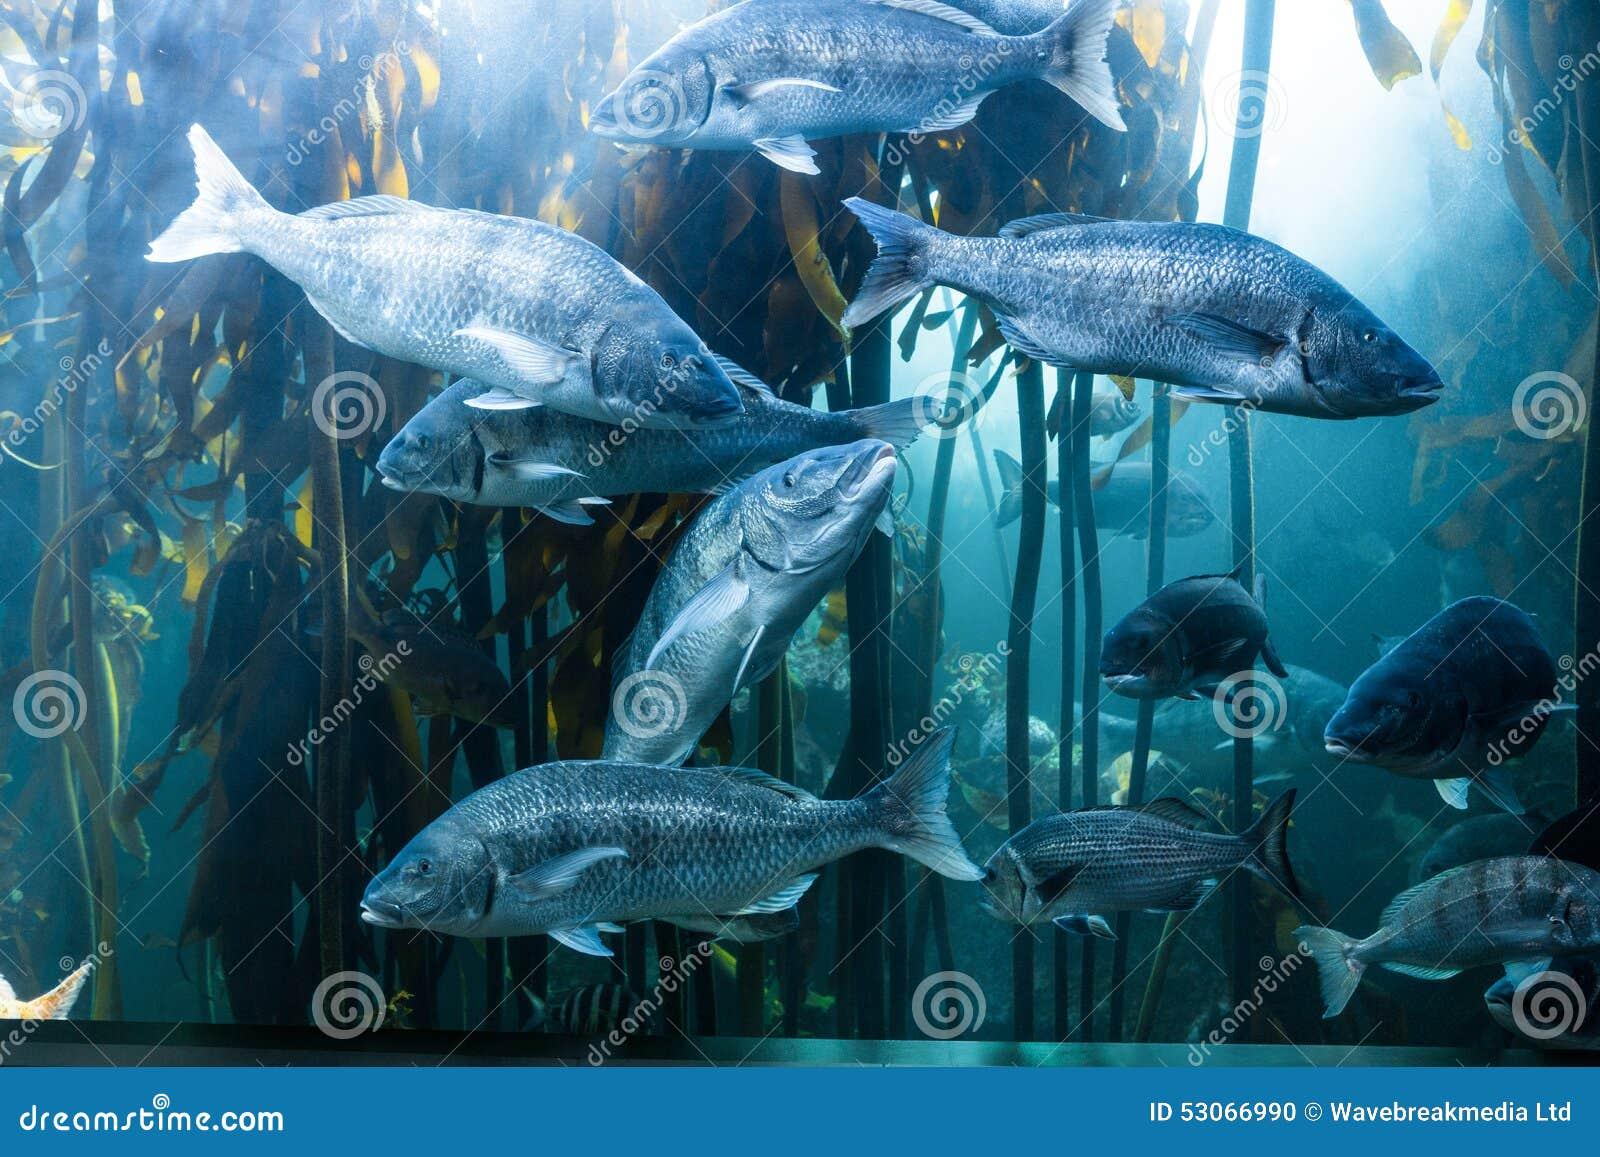 Fish in tank swimming - Big Fish Swimming In A Tank